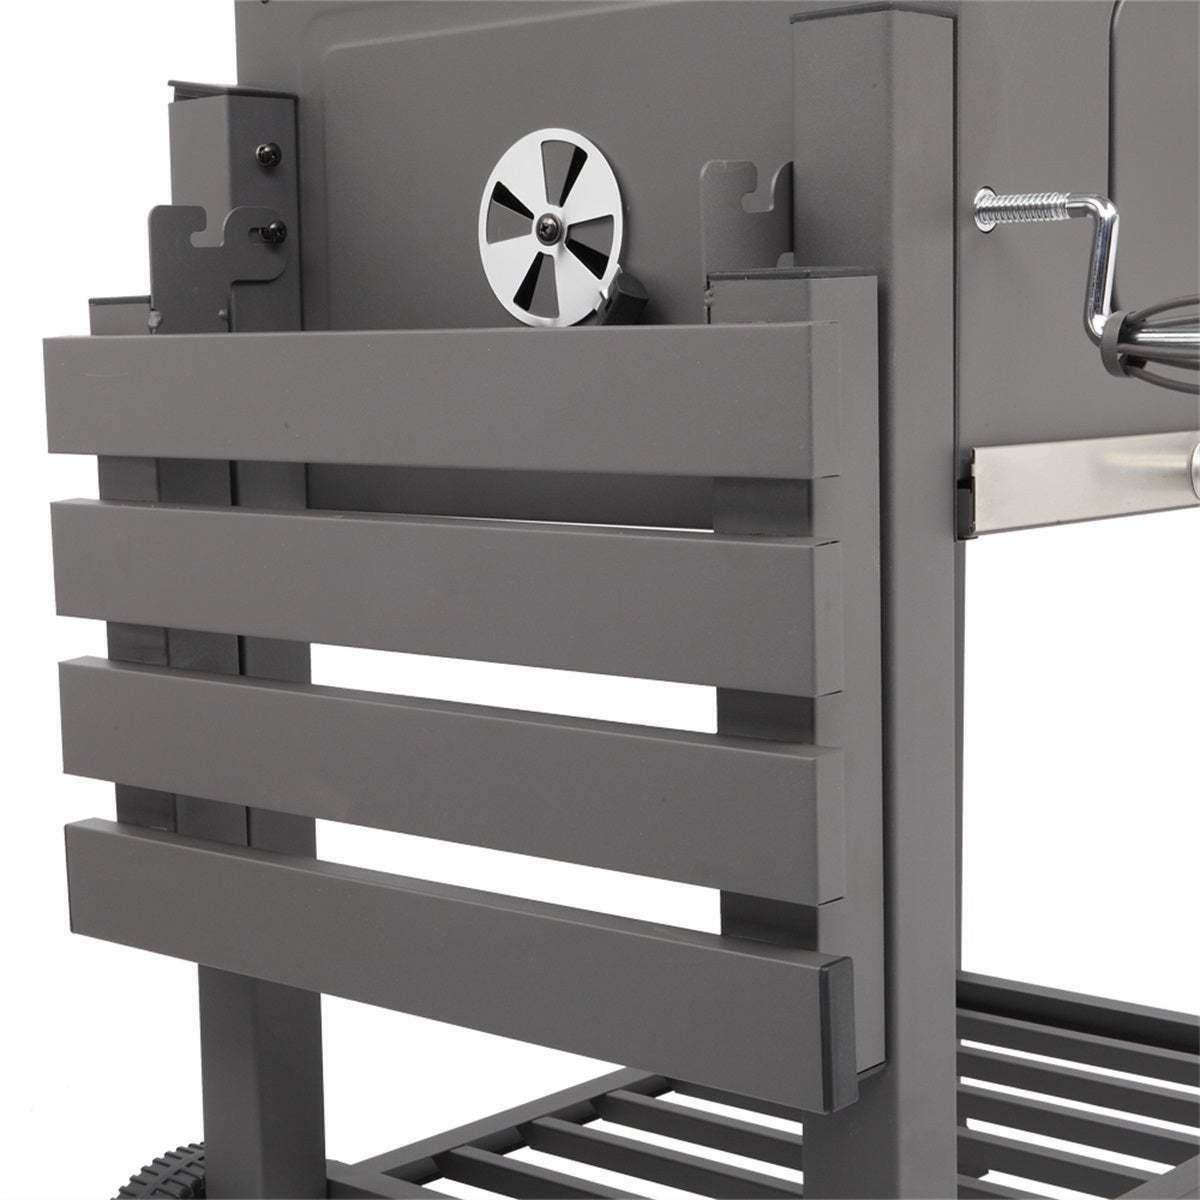 Square Oven Oven Plastic Wheel